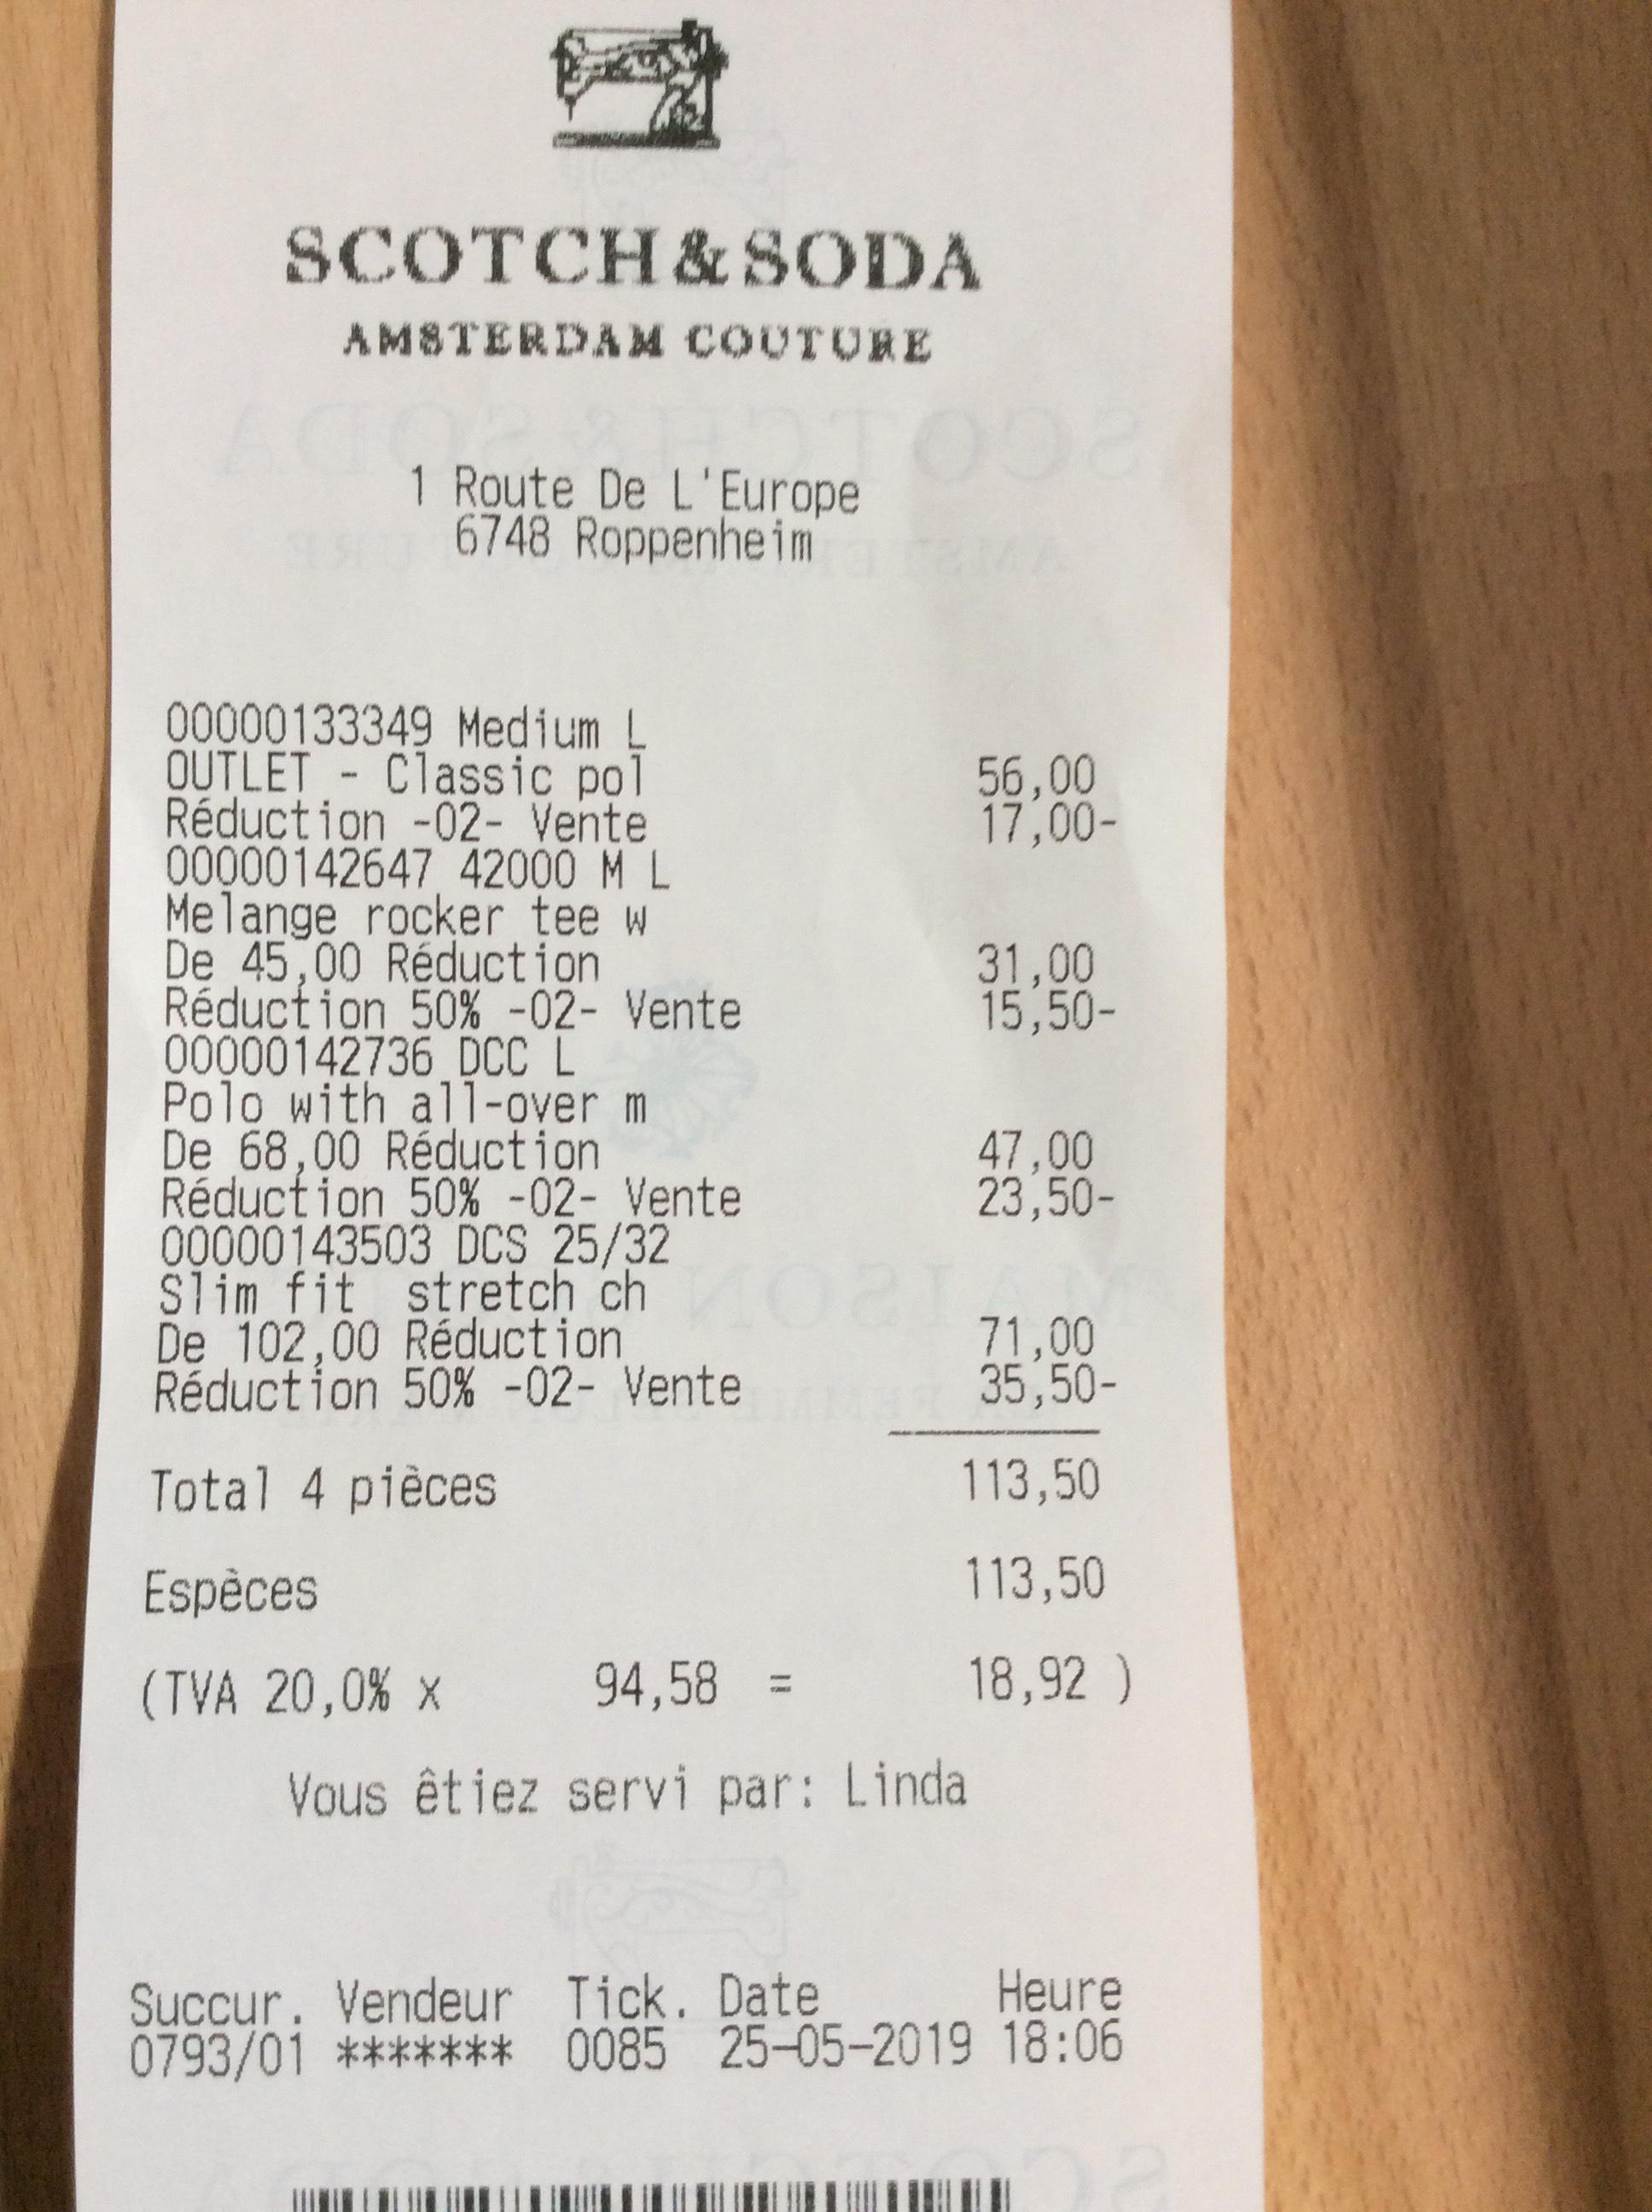 Scotch & Soda Outlet Roppenheim 2x Artikel - 20%, 4x Artikel - 50% Rabatt auf Einkauf -Grenzgänger-